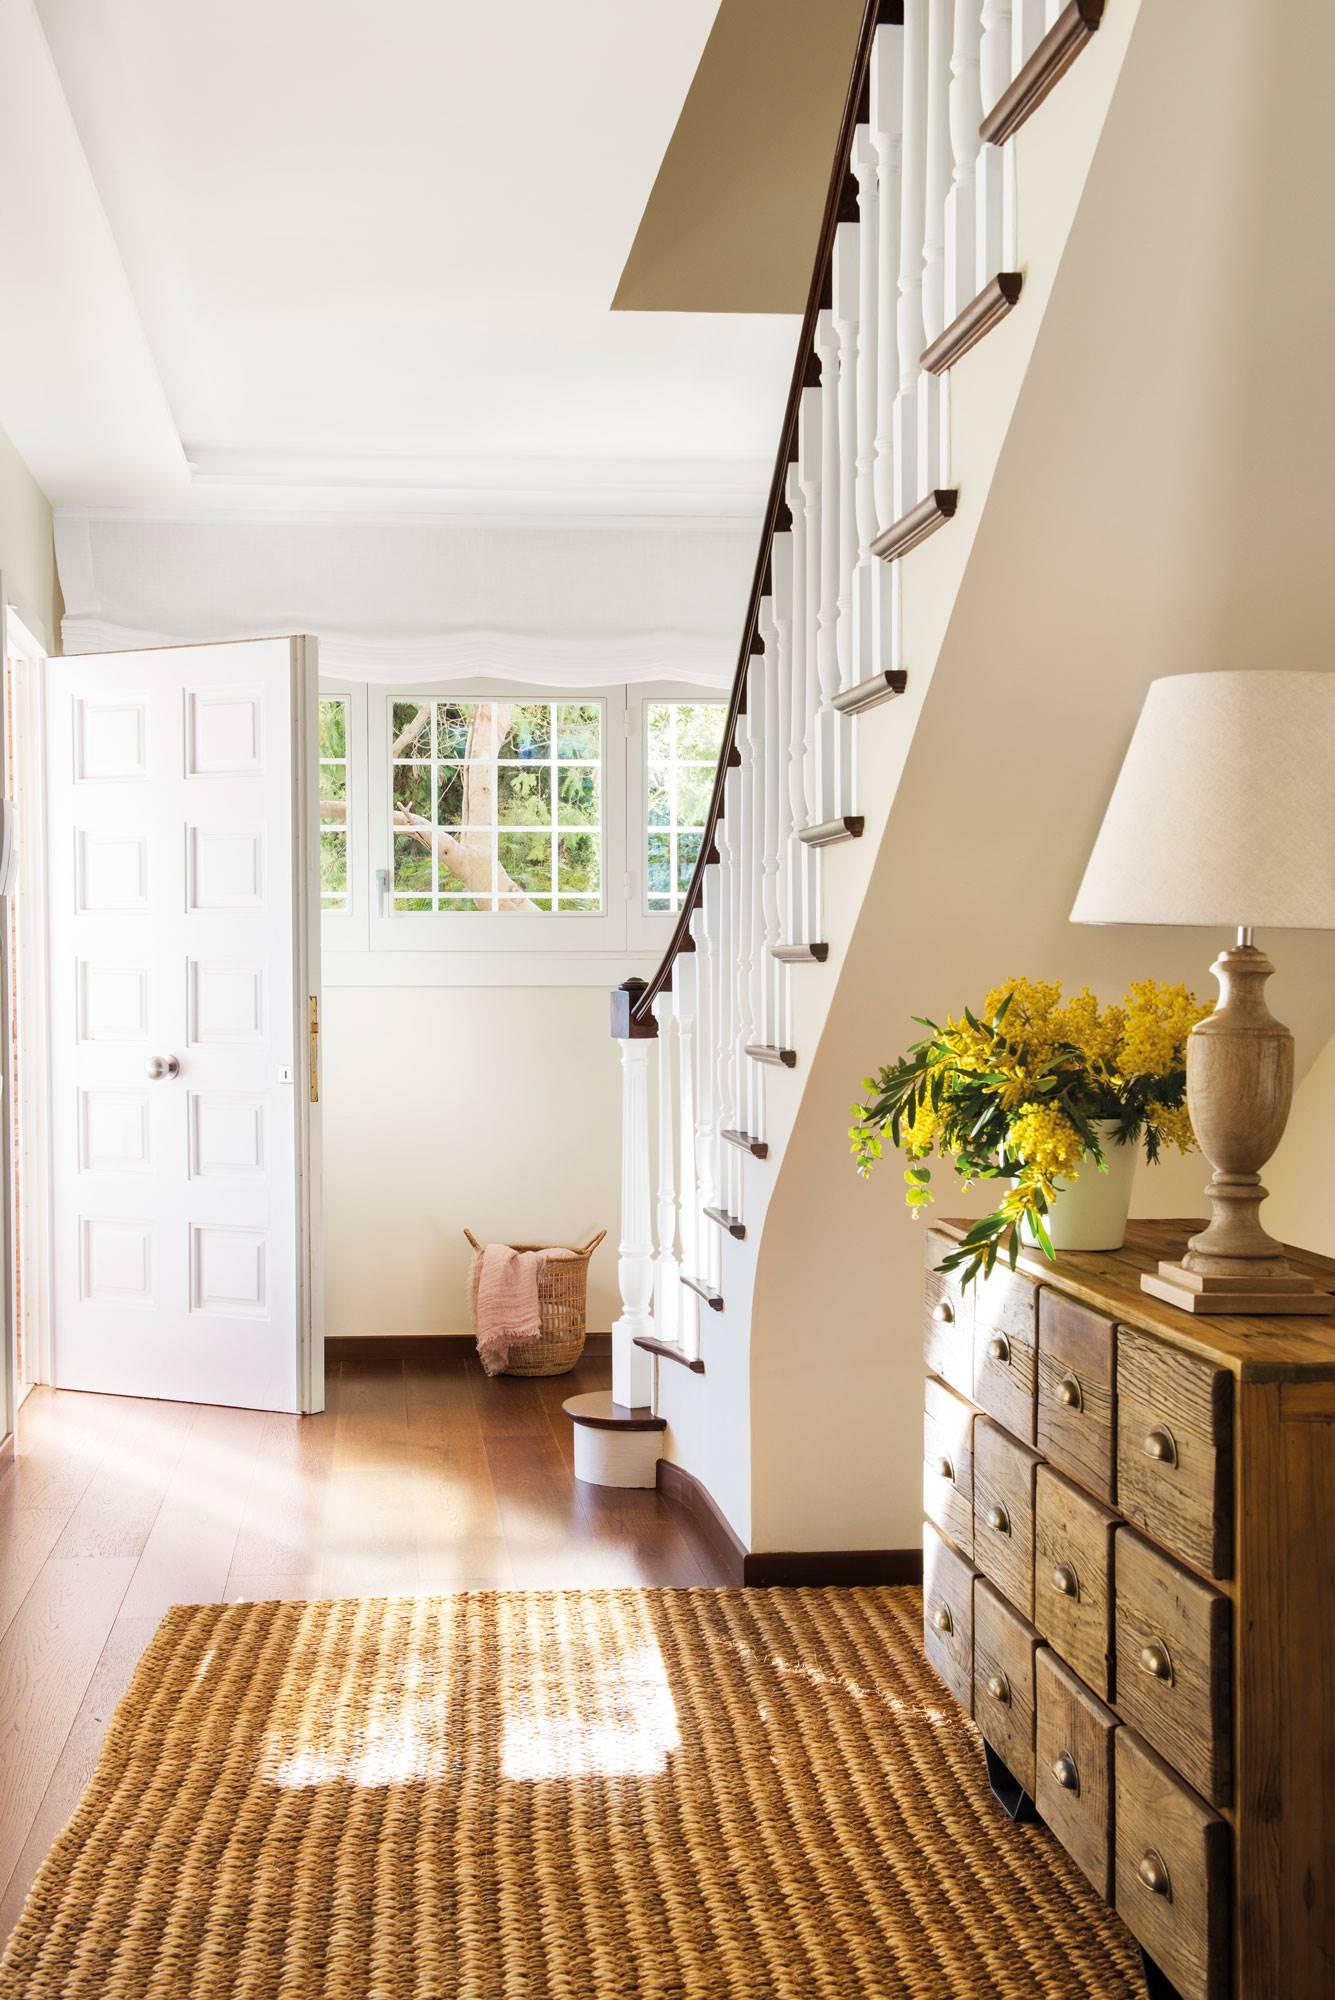 C modas para dormitorio el mueble - Escaleras para duplex ...